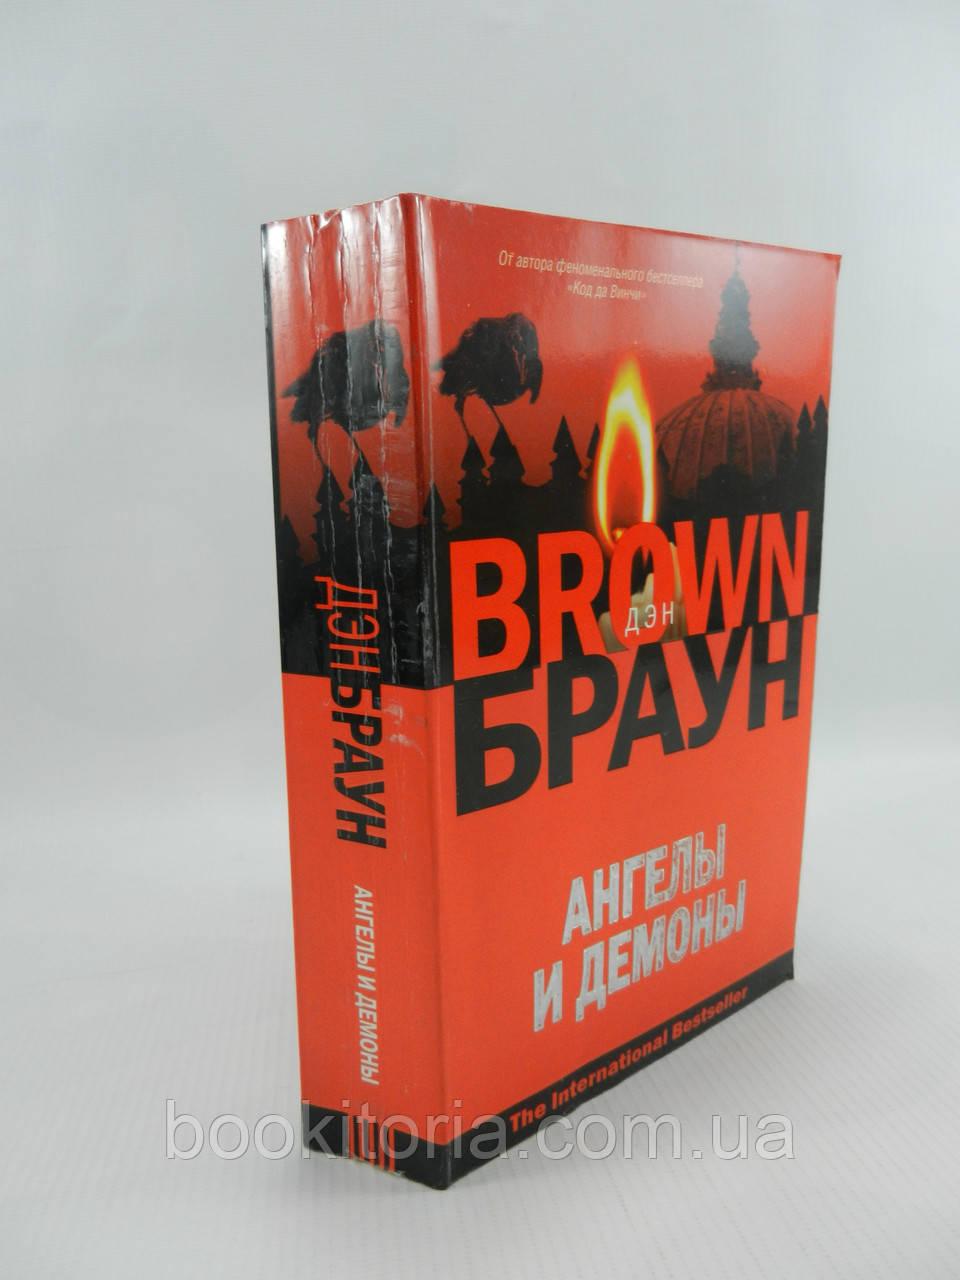 Браун Д. Ангелы и демоны (б/у).